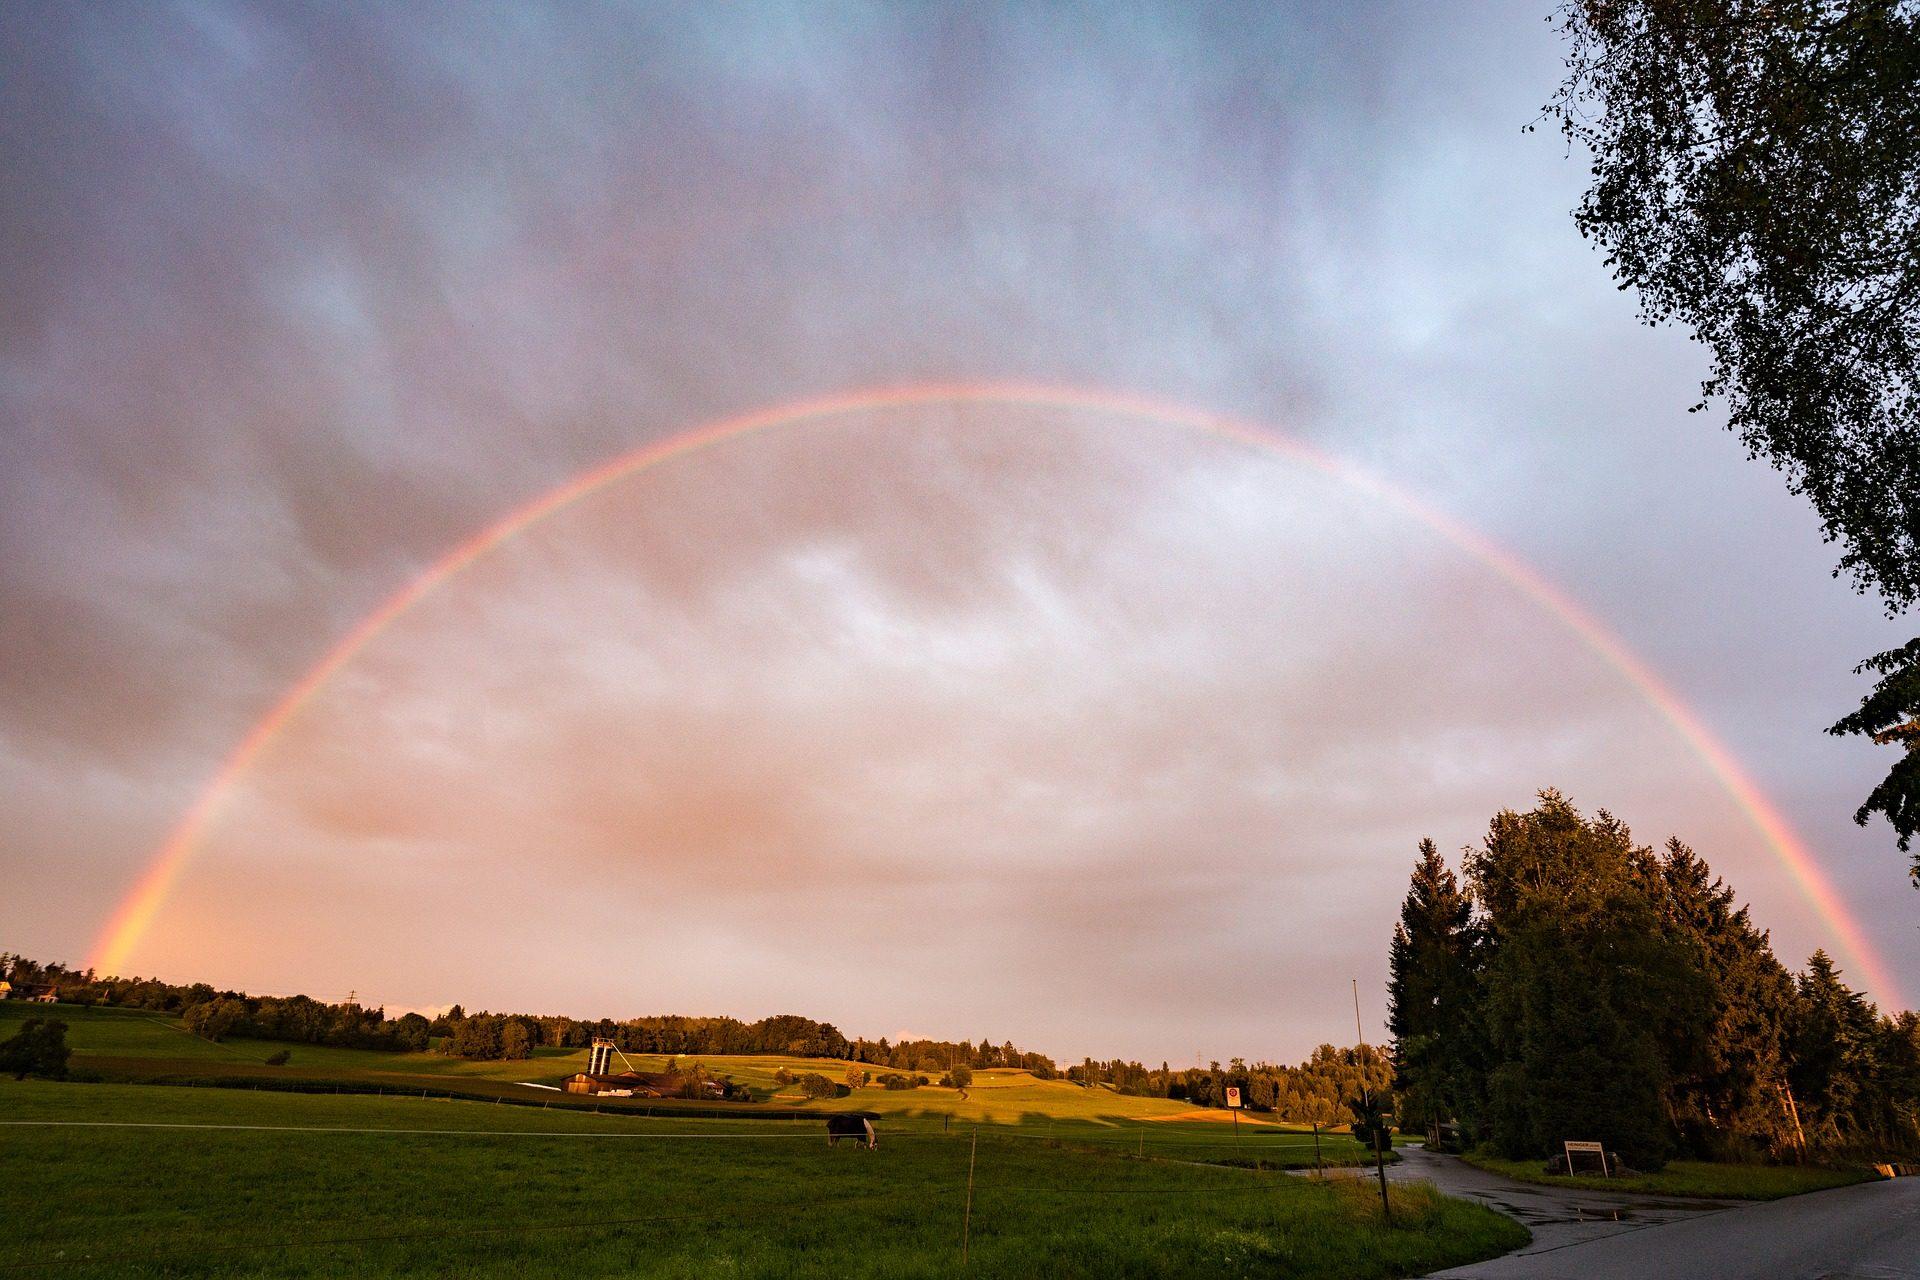 プラド, 木, 虹, 雲, 曇り - HD の壁紙 - 教授-falken.com